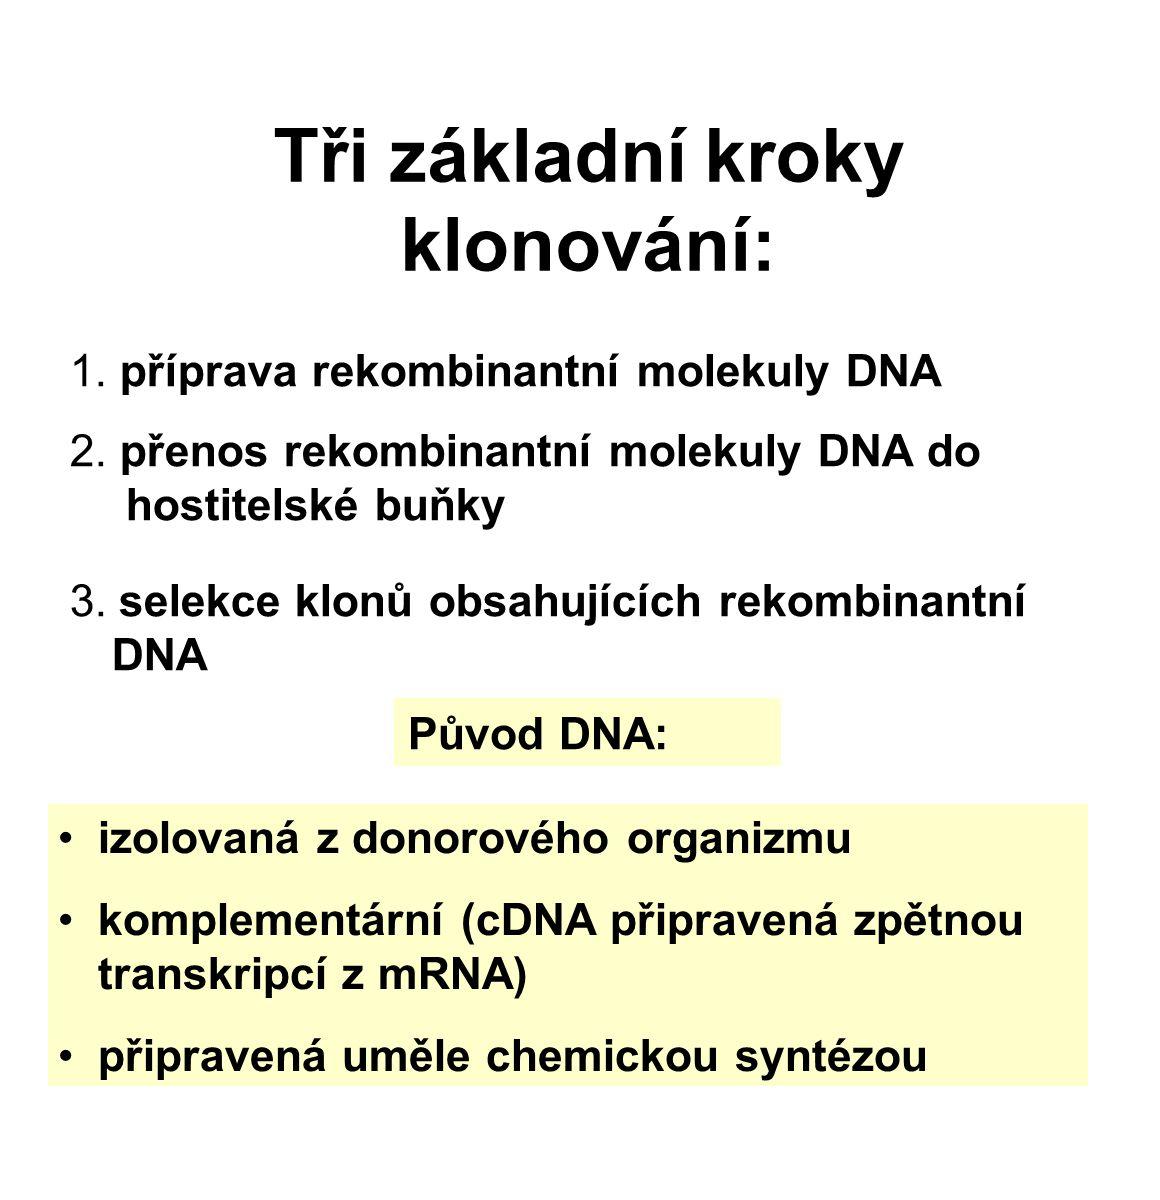 Tři základní kroky klonování: